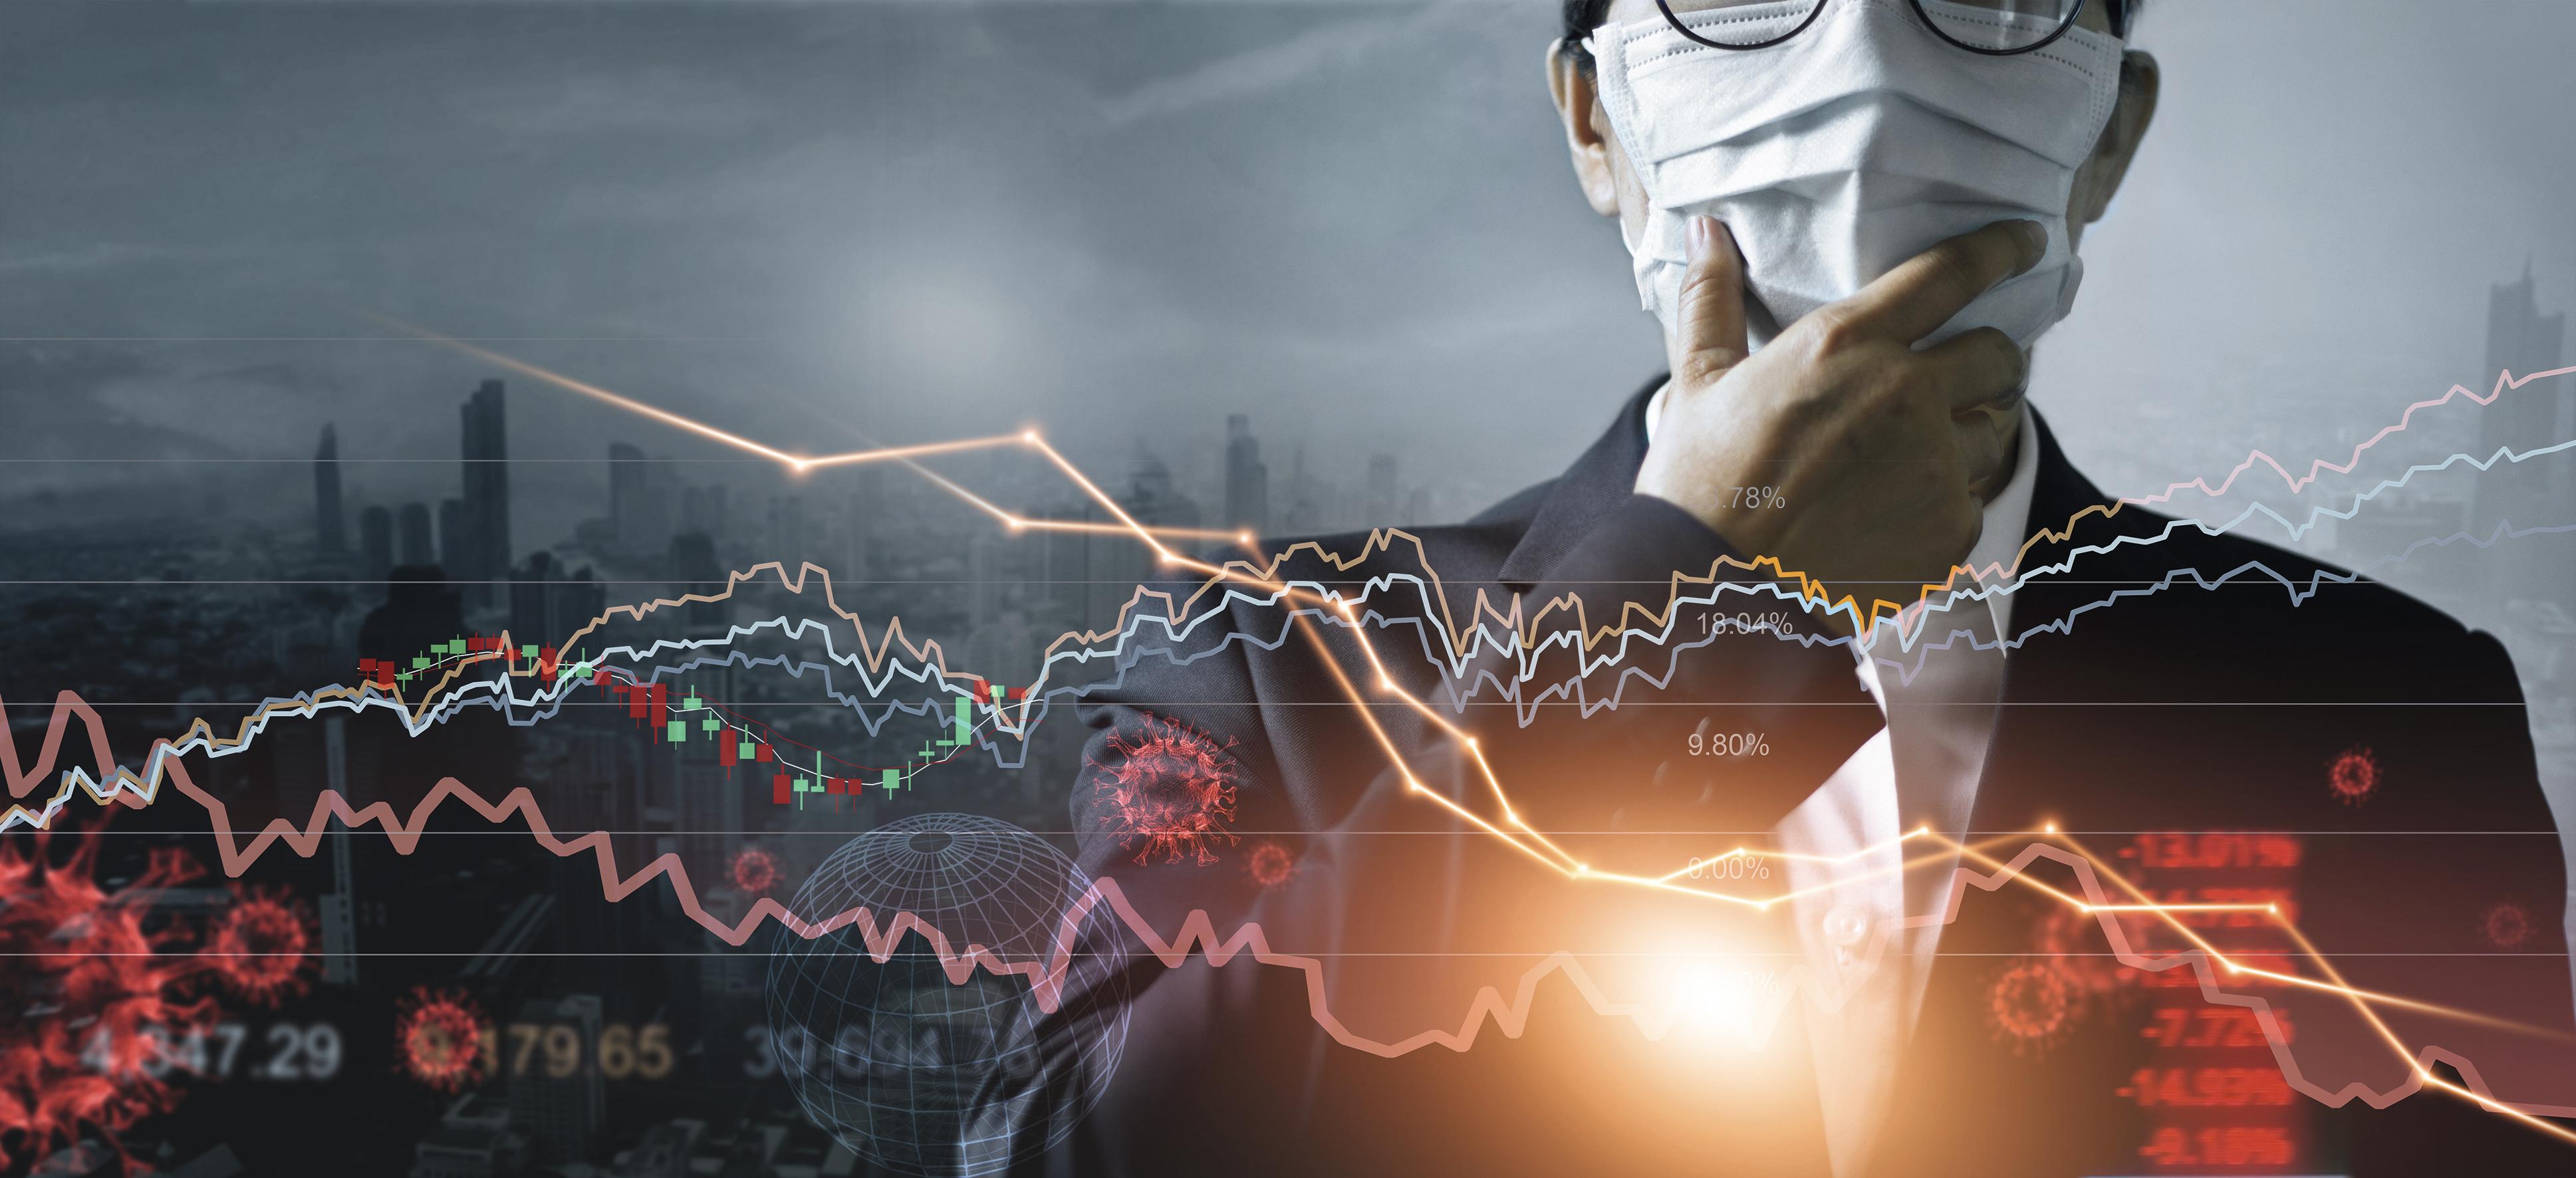 Politique économique : comment se protéger de l'incertitude